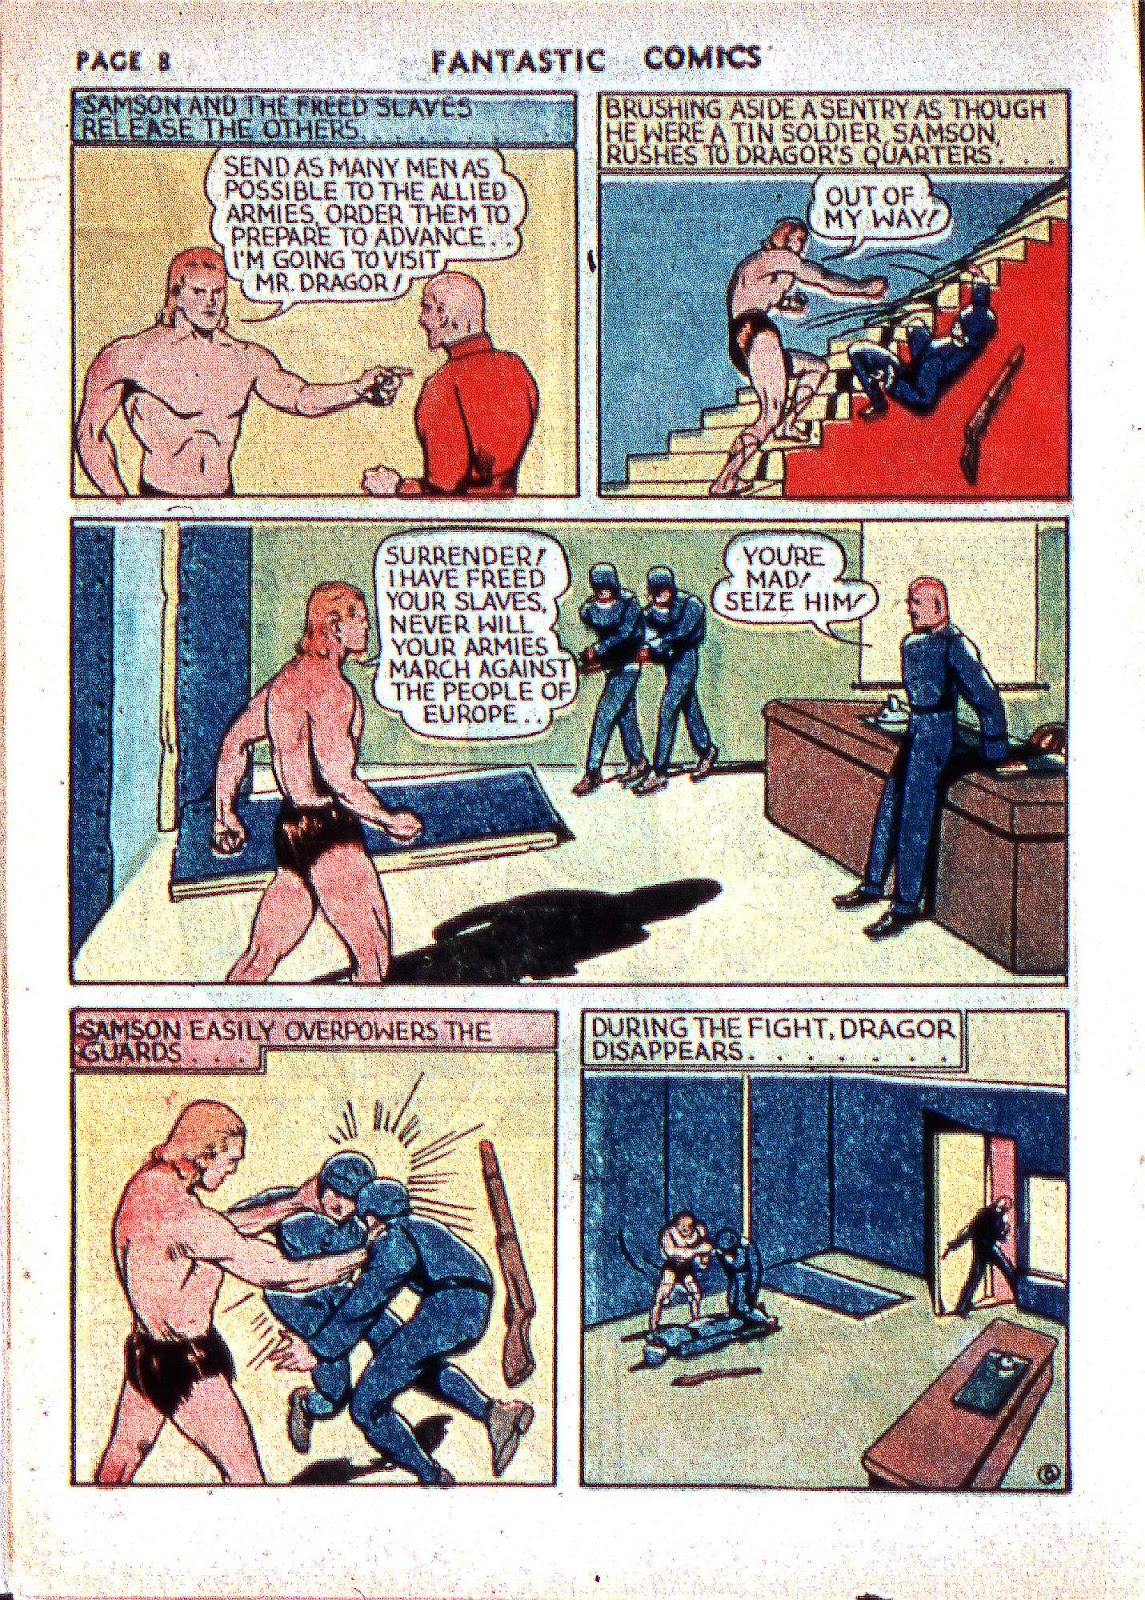 Read online Fantastic Comics comic -  Issue #2 - 10